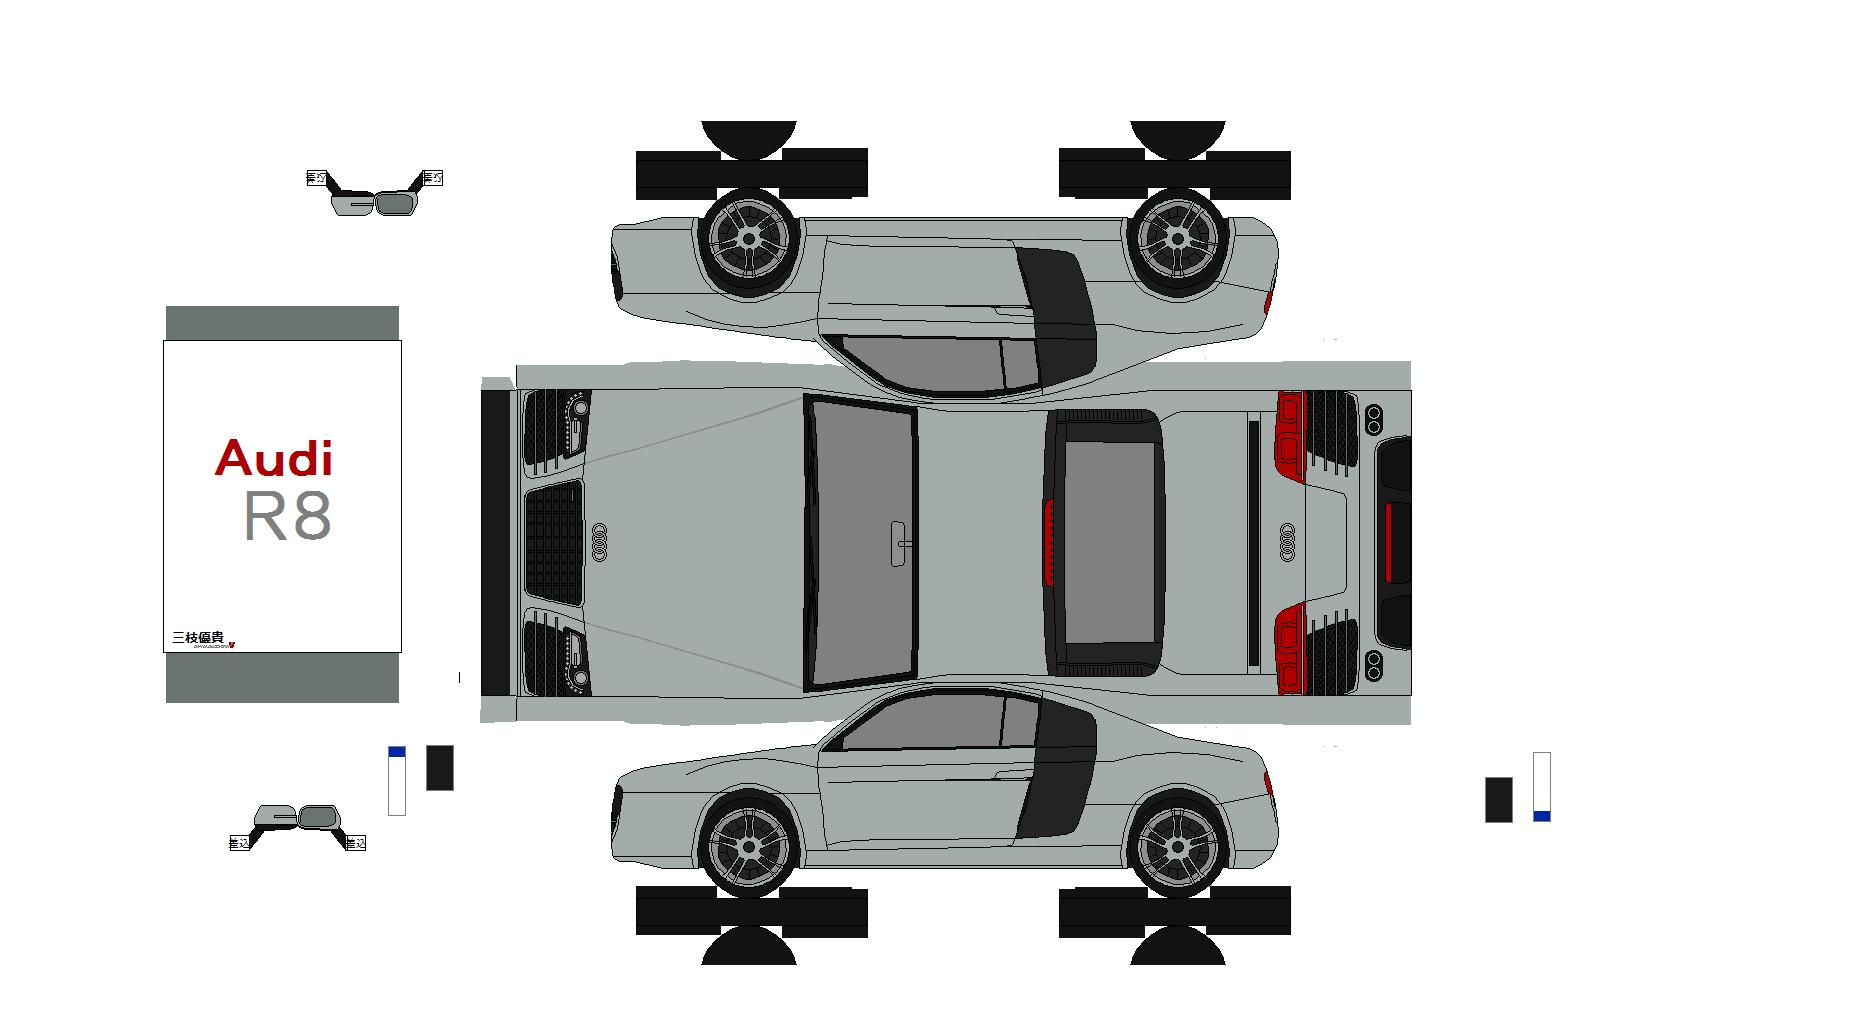 Craft Nissan Passat B Tdi 5 Gang Schaltung Seitlich